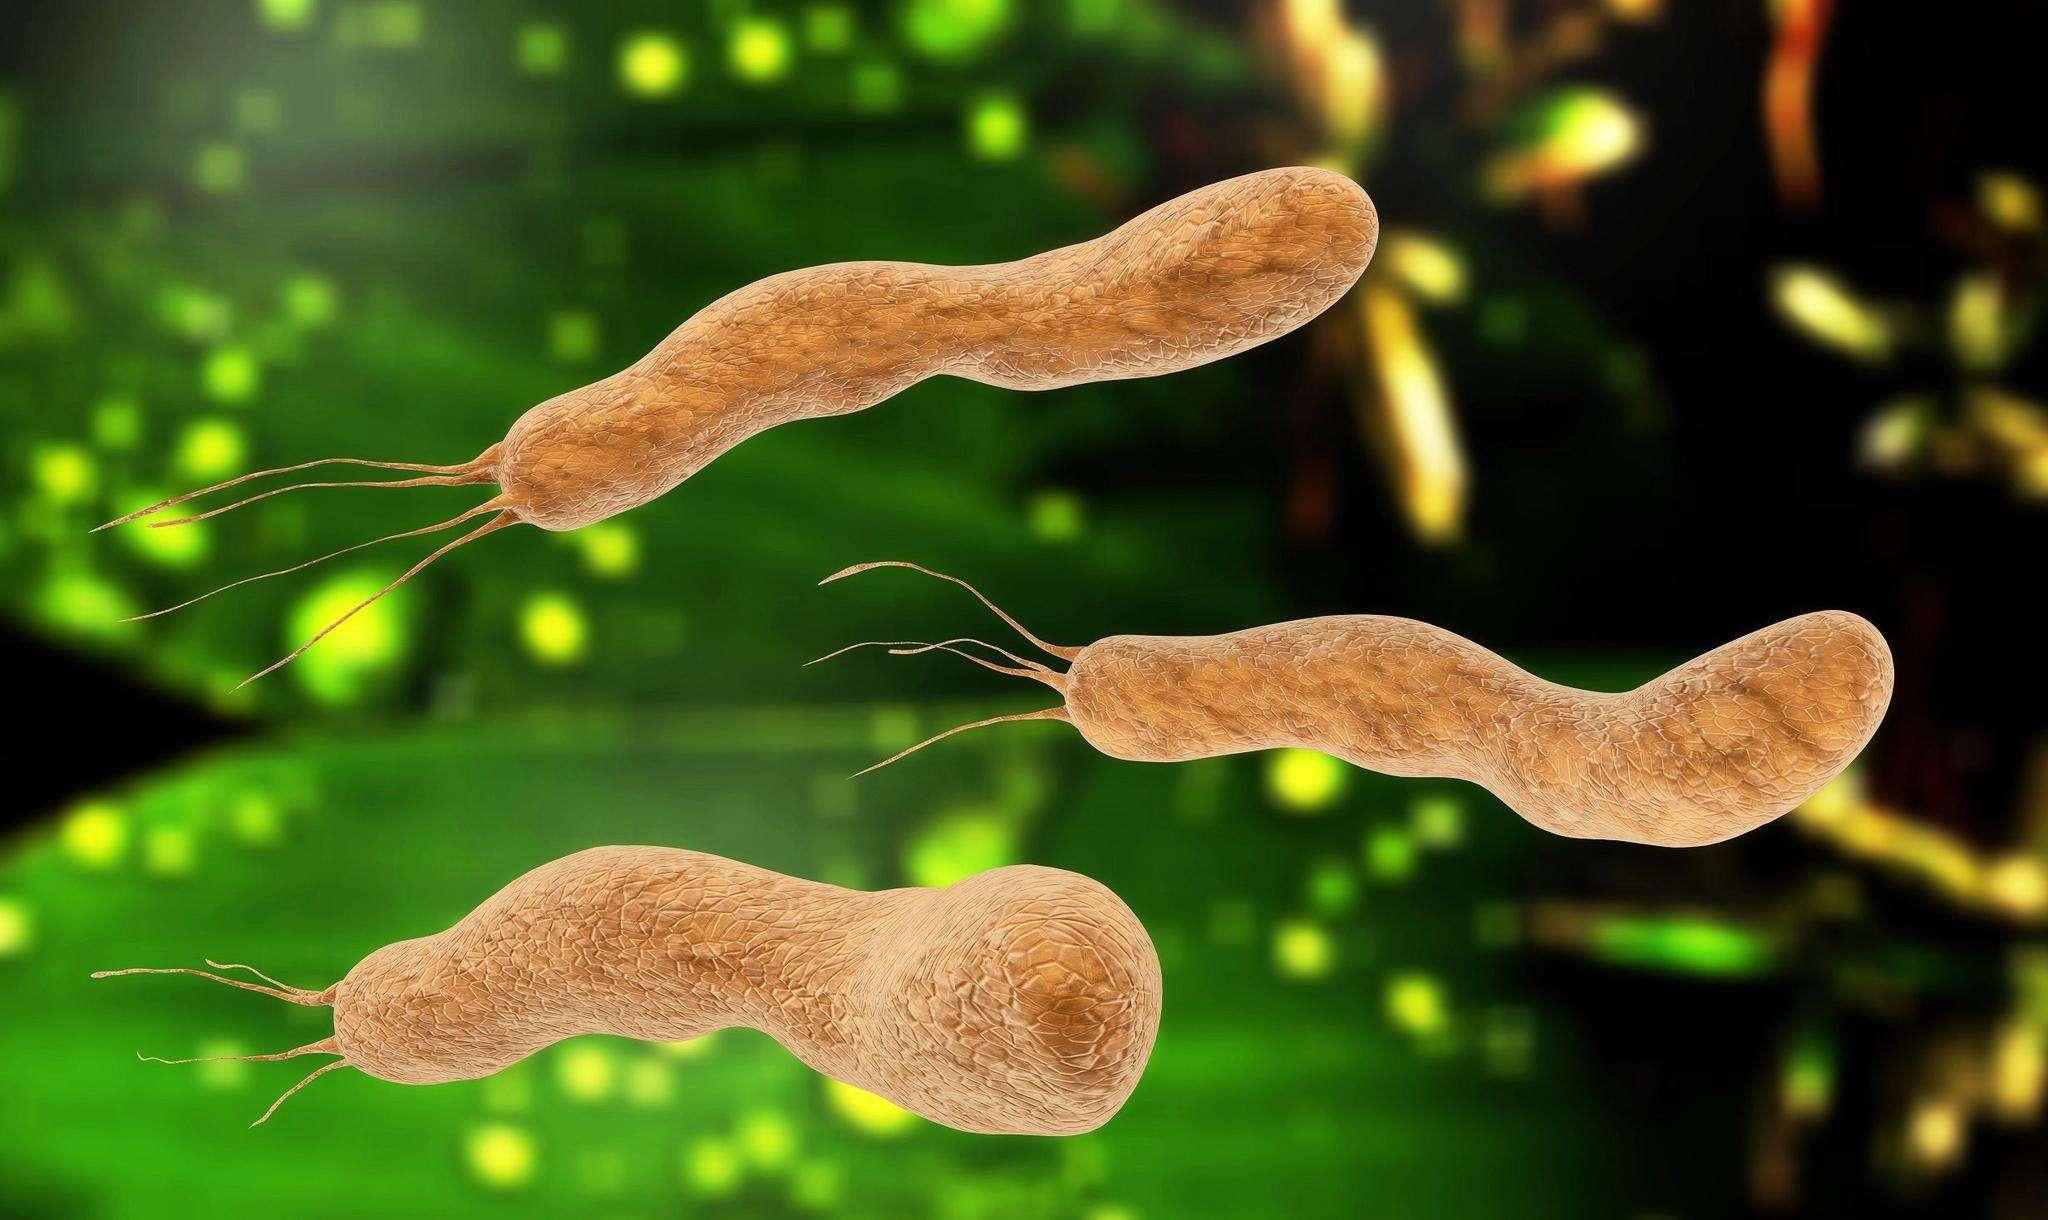 幽门螺旋杆菌